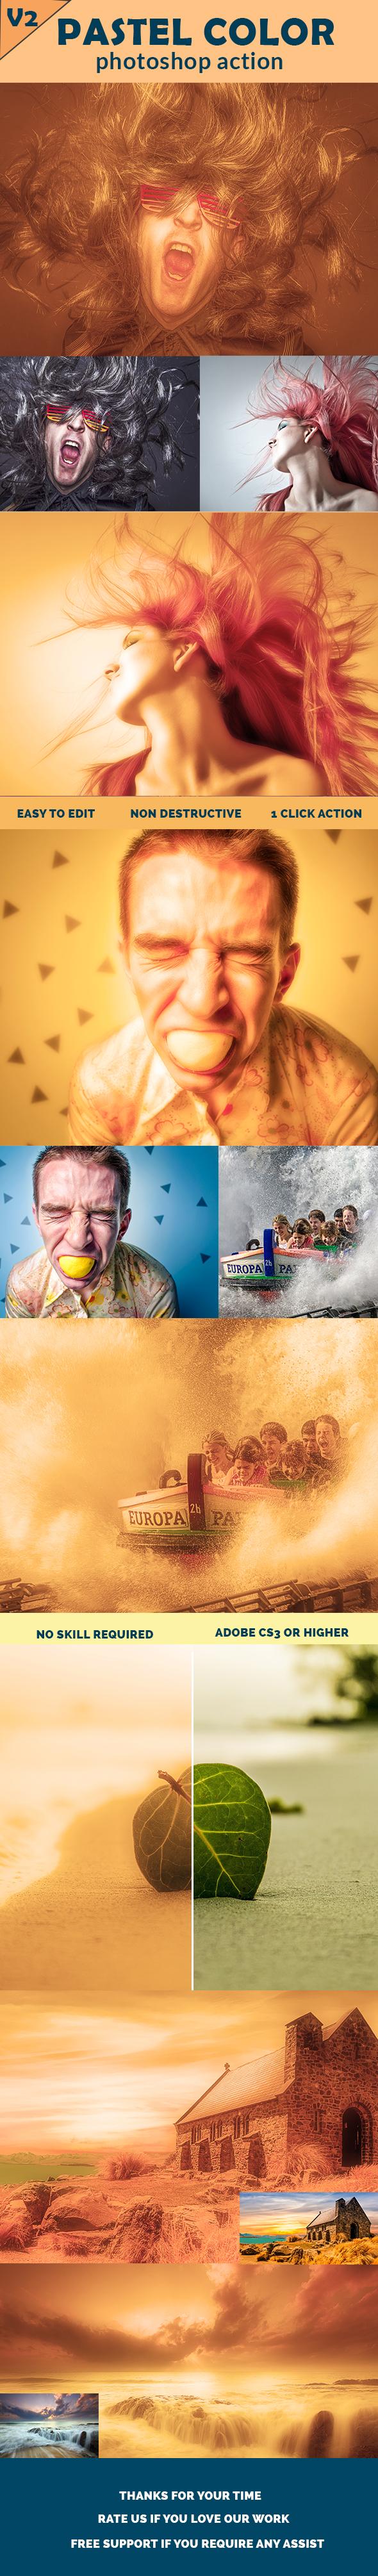 GraphicRiver Pastel Color Photoshop Action Version 02 20326262